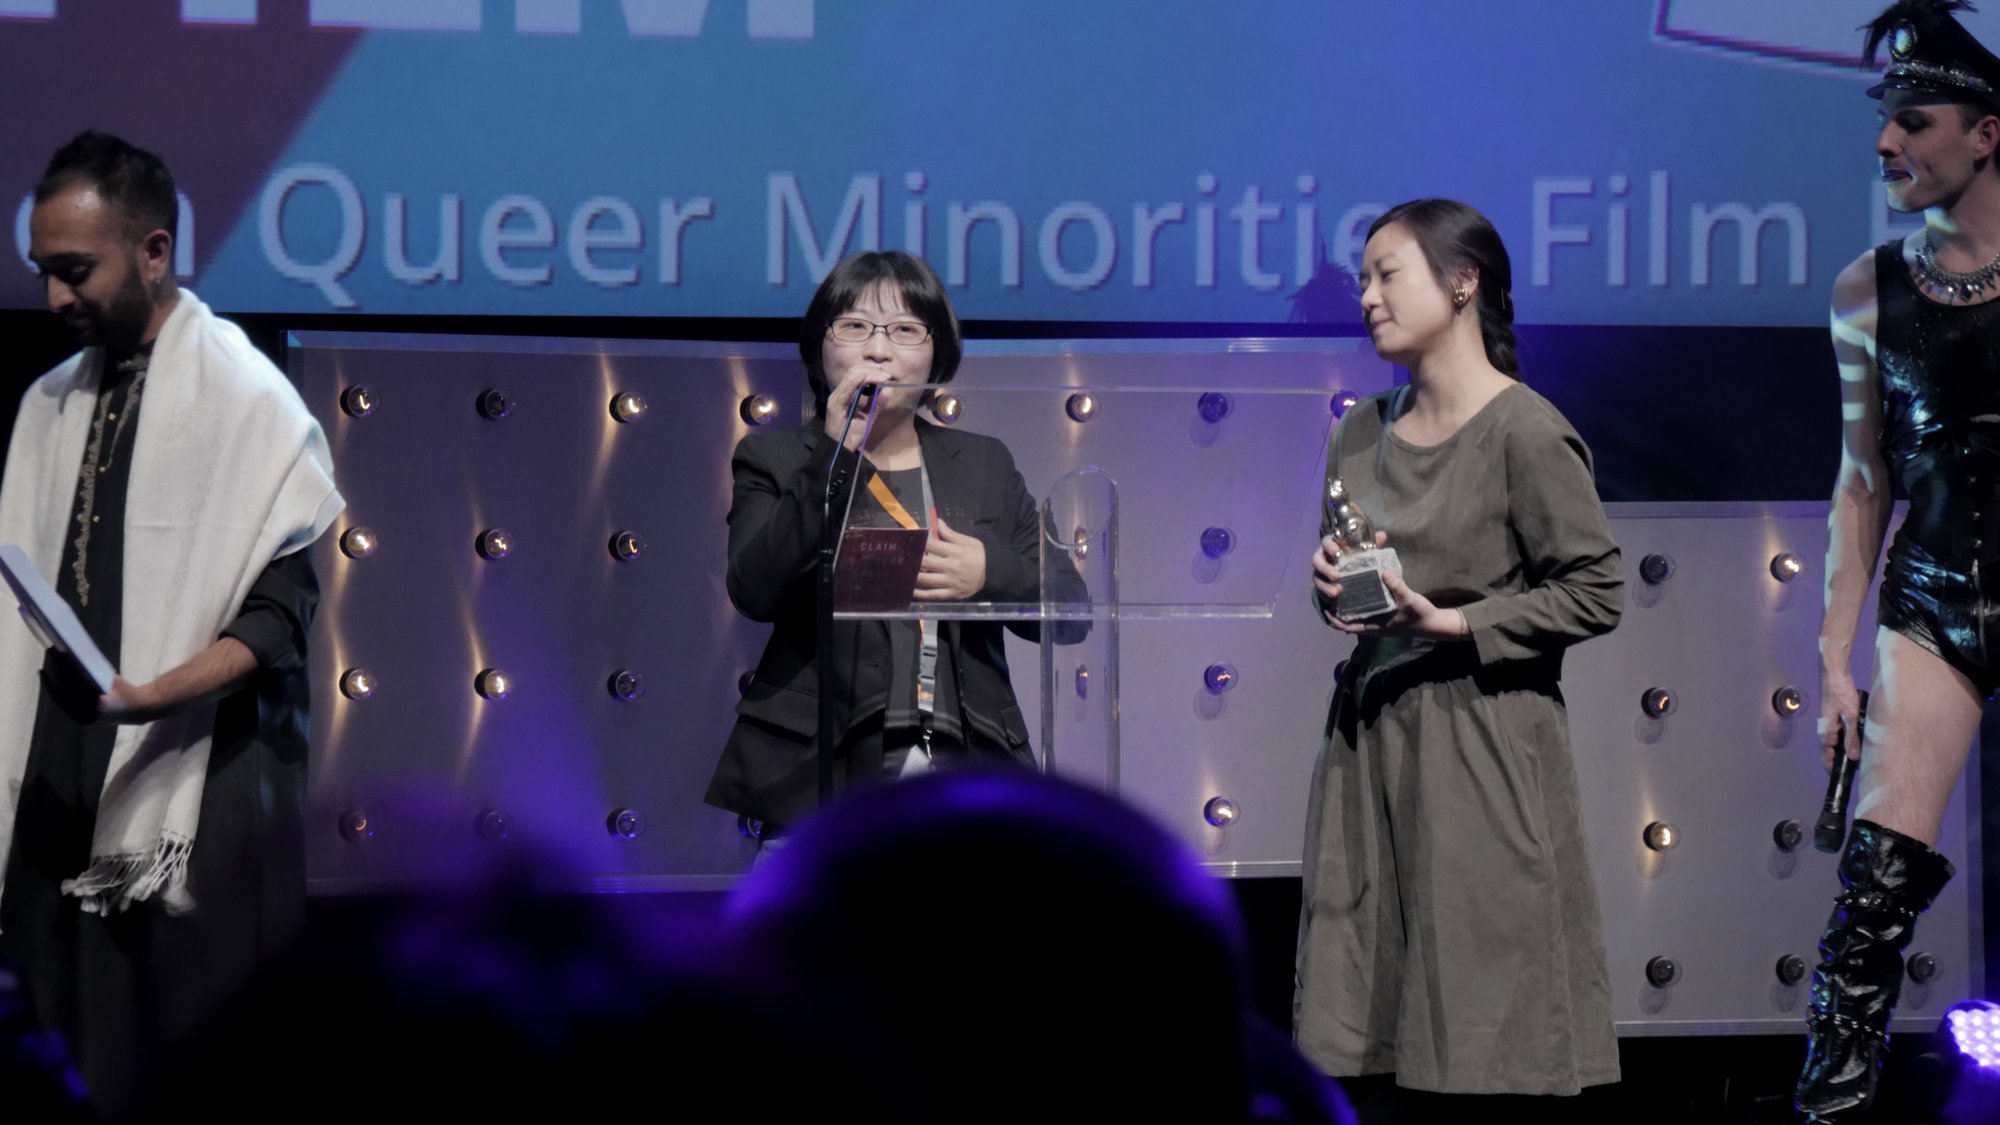 黄惠侦在颁奖典礼上讲话